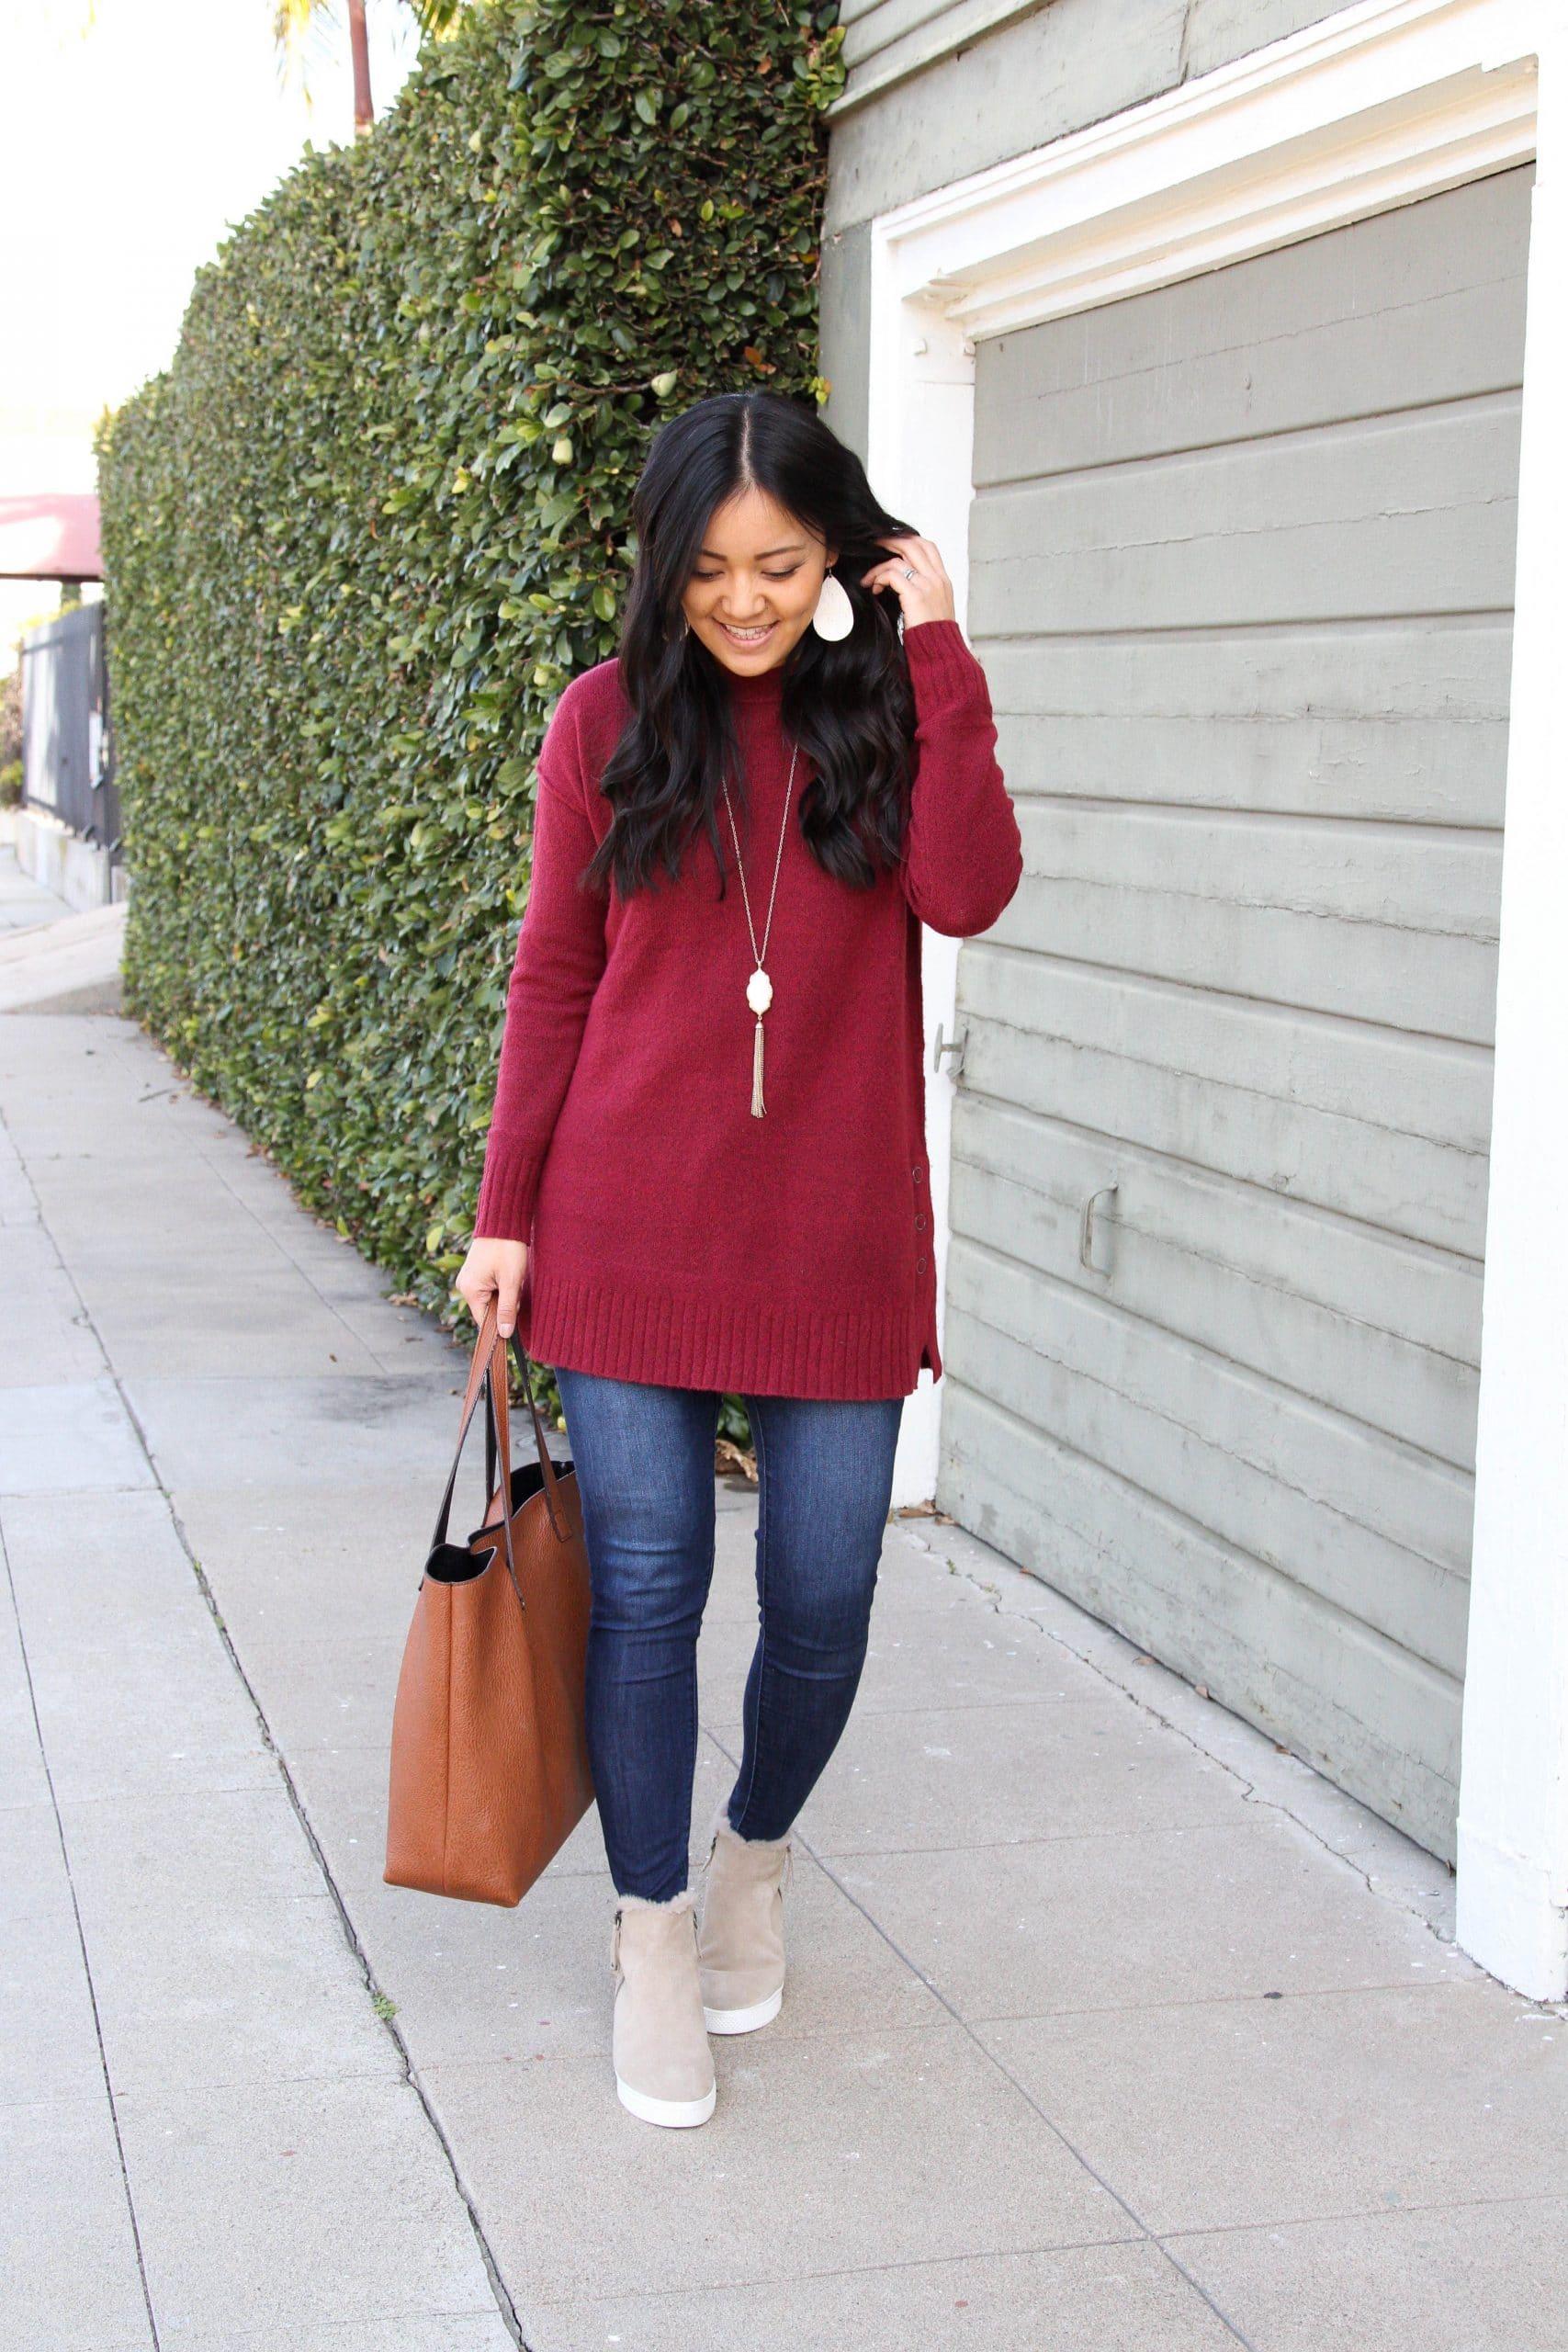 maroon sweater + wedge booties + skinny jeans + cognac tote